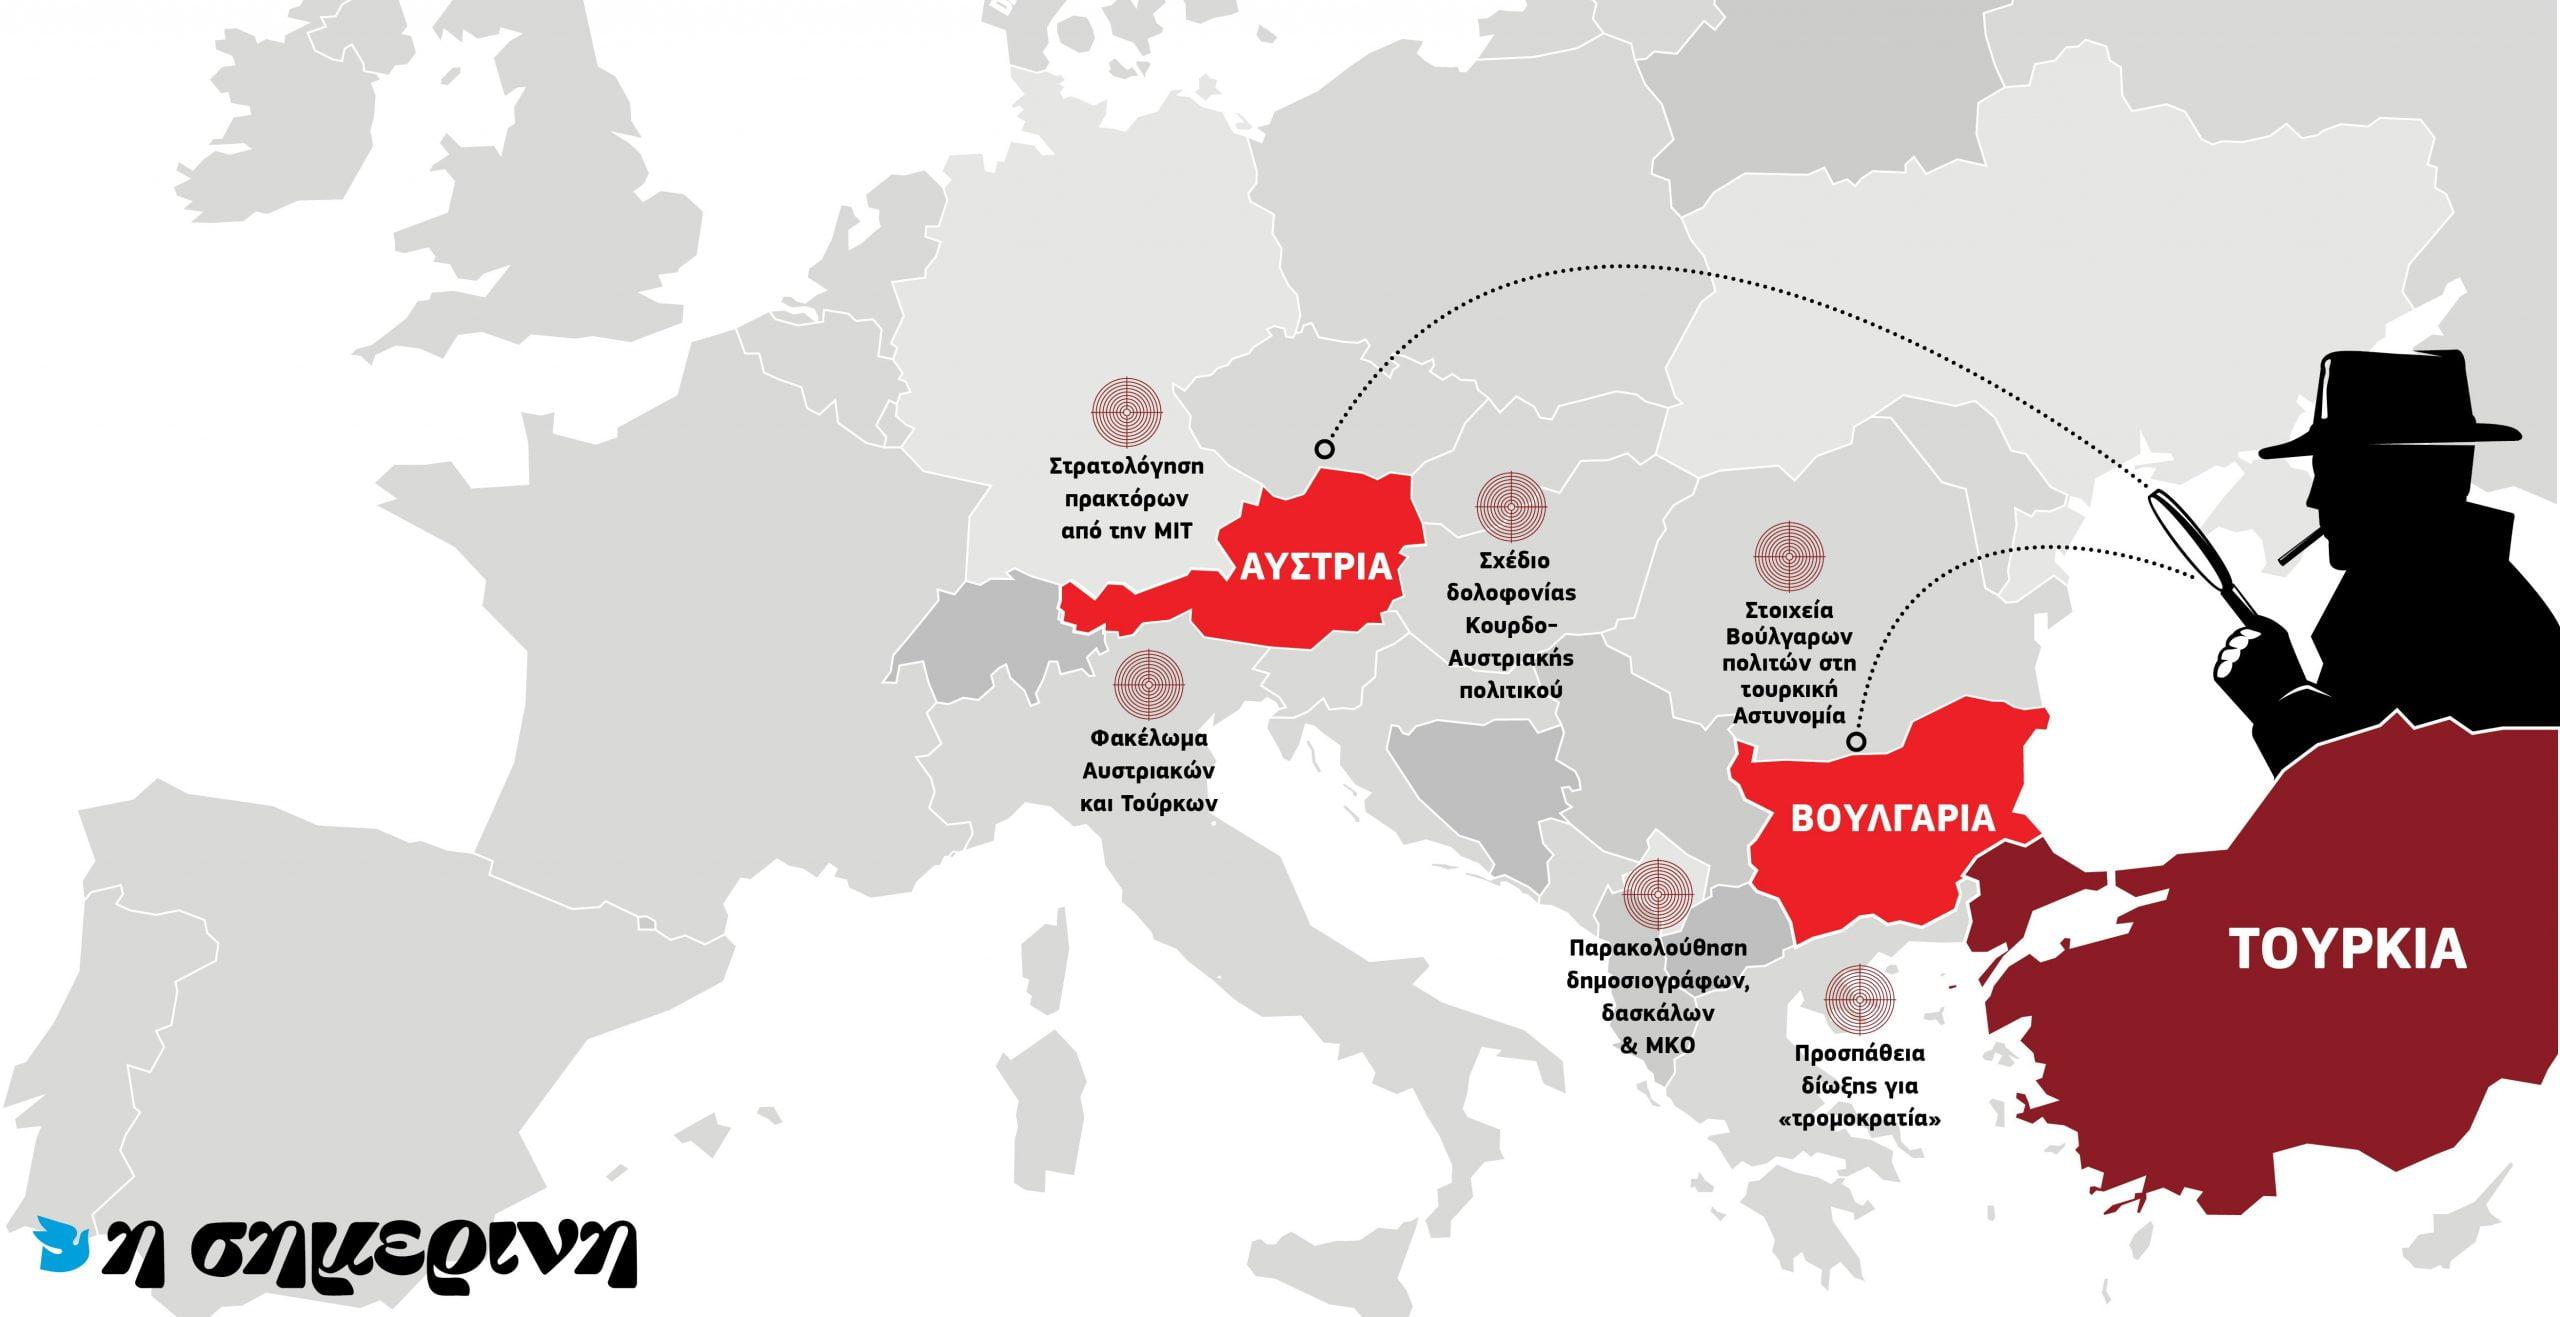 Η δράση των τουρκικών μυστικών υπηρεσιών σε Βουλγαρία και Αυστρία